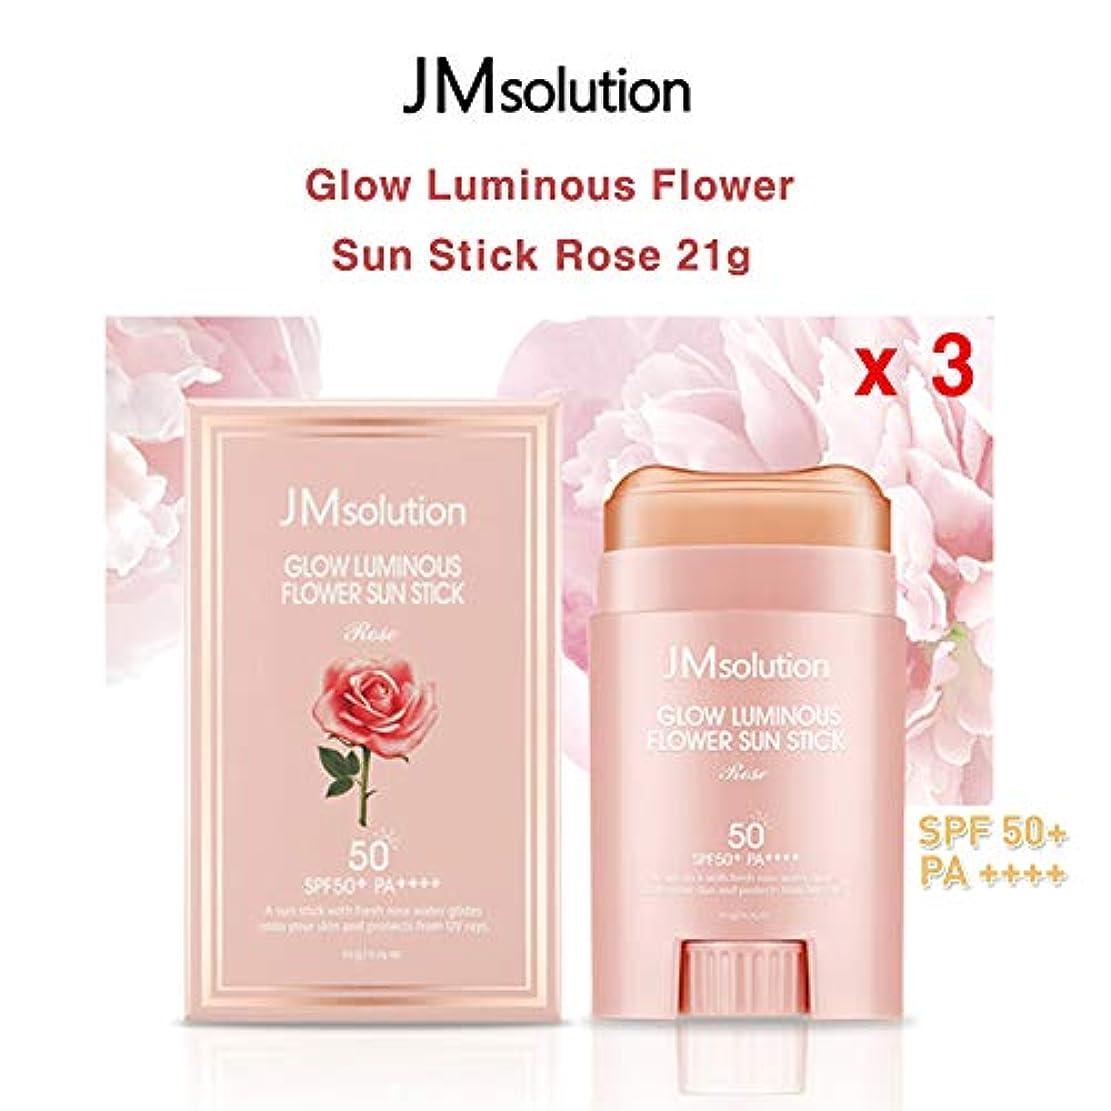 注意薬を飲む社員JM Solution ★1+1+1★ Glow Luminous Flower Sun Stick Rose 21g (spf50 PA) 光る輝く花Sun Stick Rose